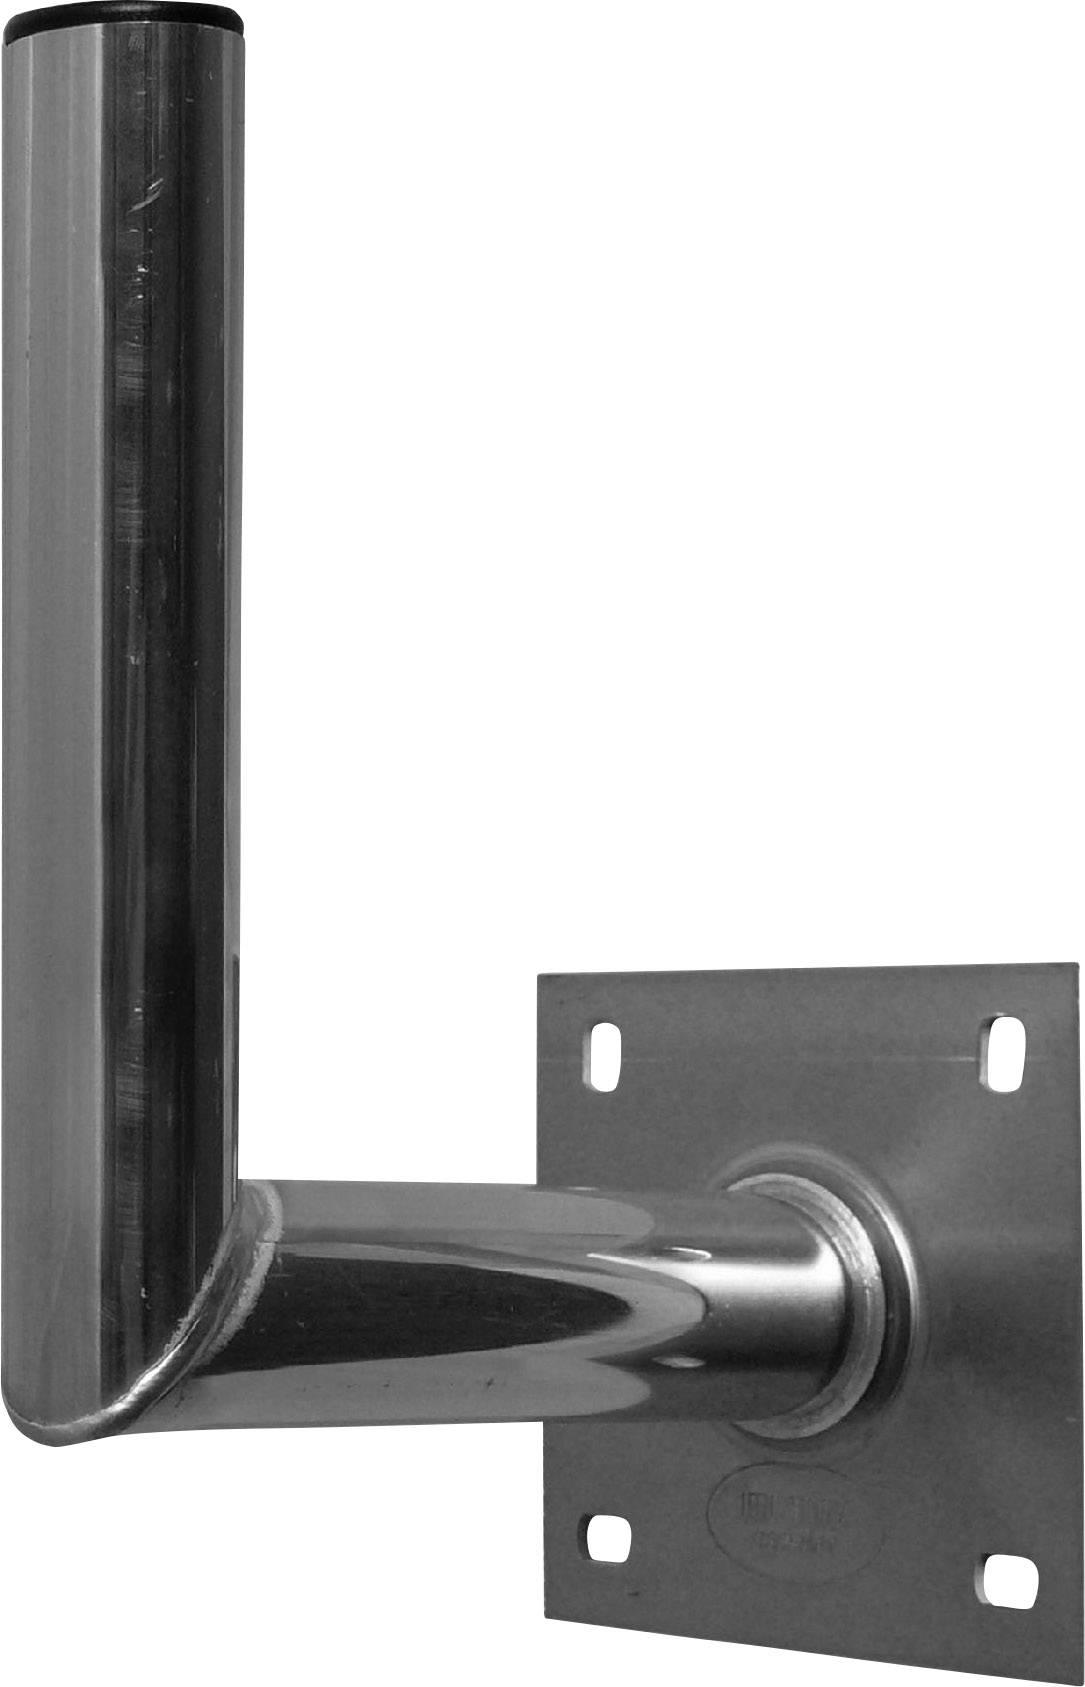 Držák na zeď A.S. SAT, 25 x 25 cm, Ø do 90 cm, stříbrná